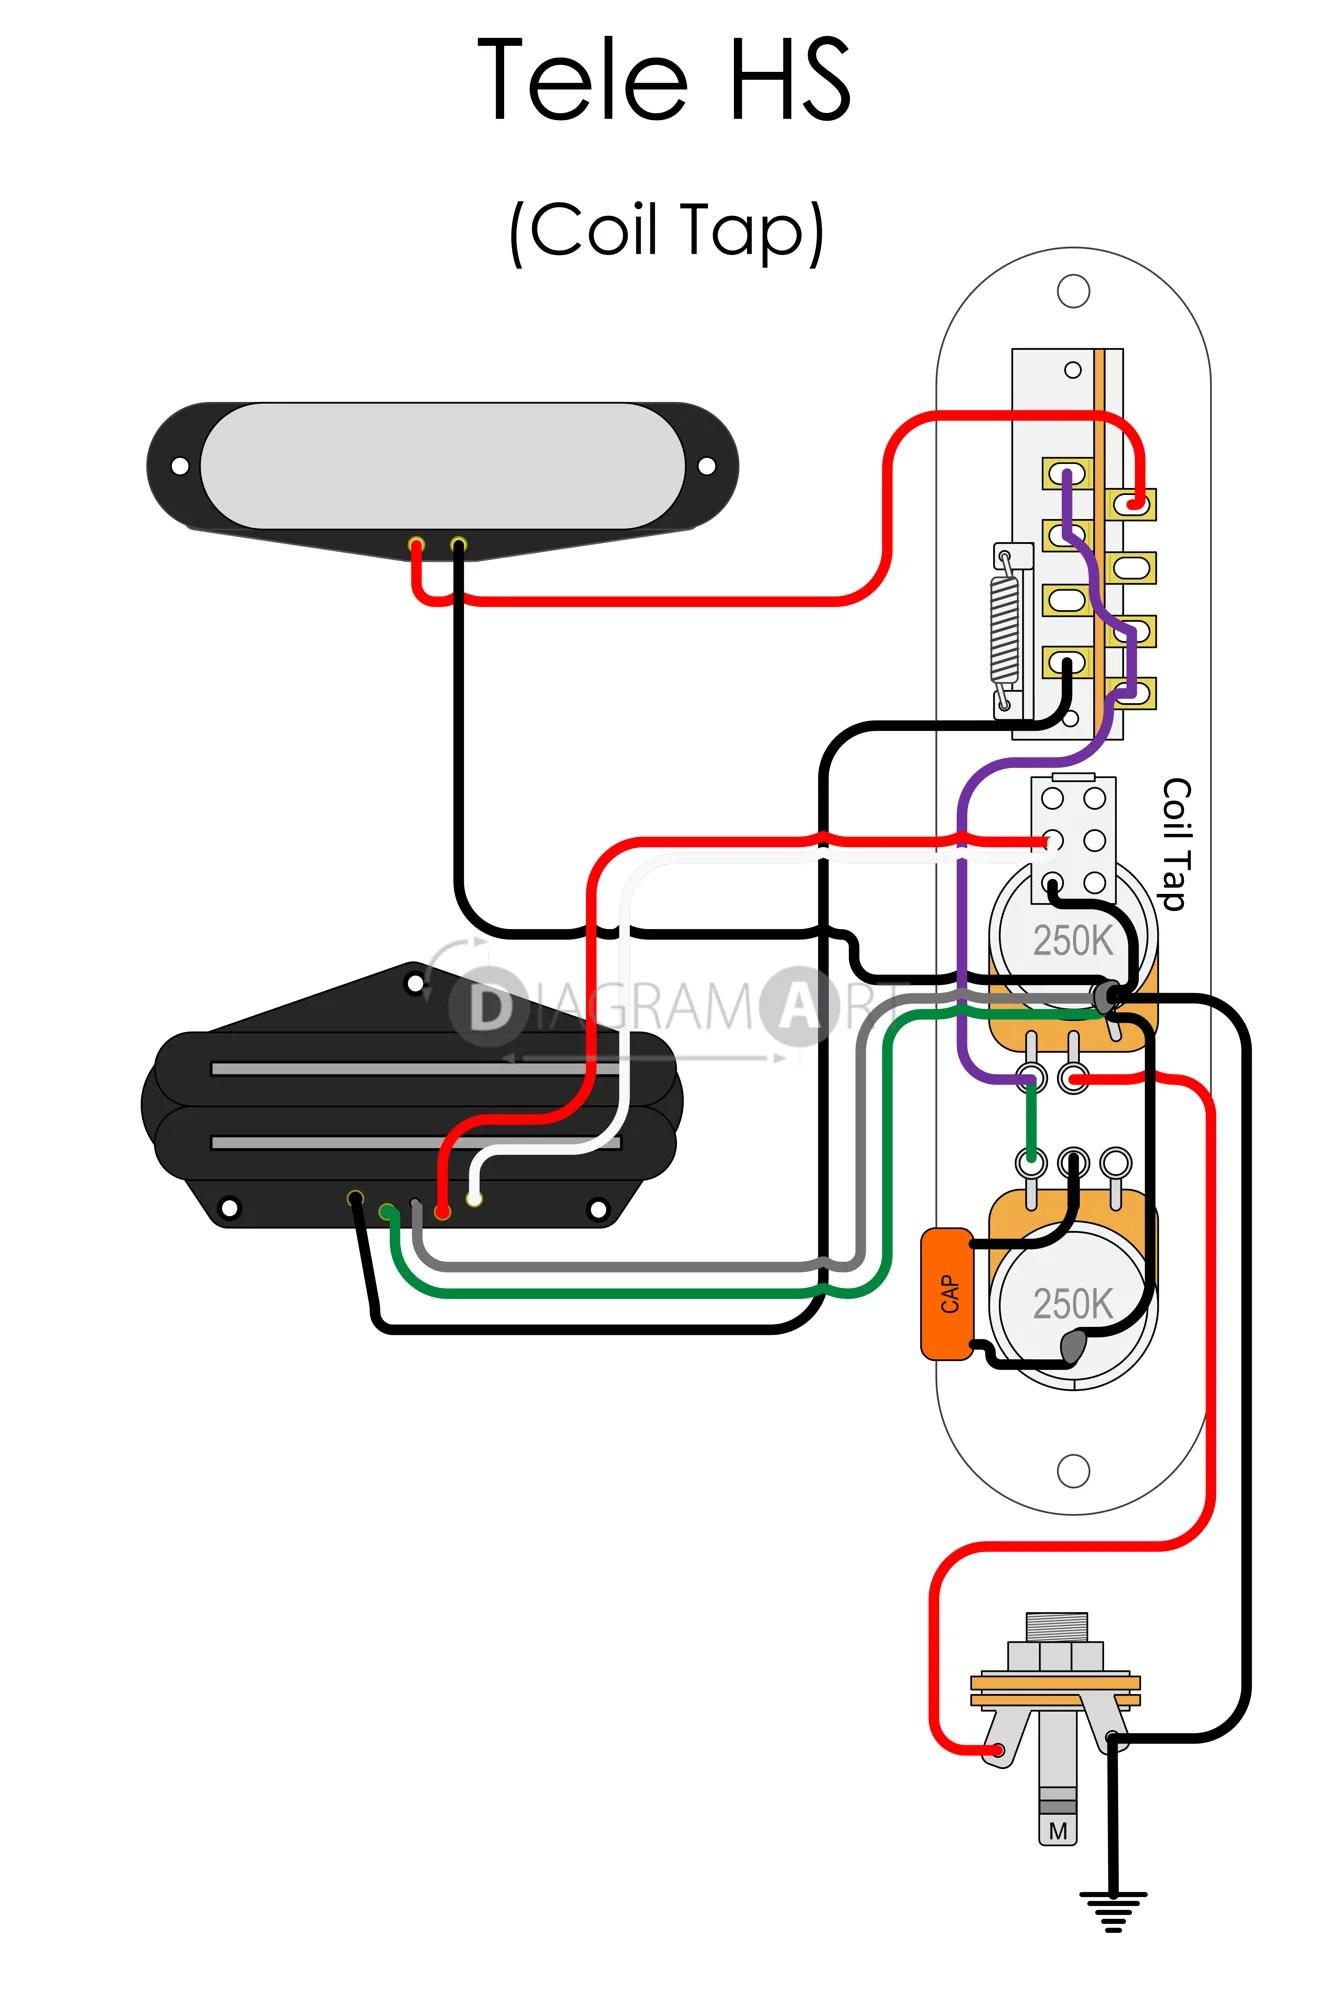 guitar coil tap wiring diagrams box wiring diagram relay wiring diagram guitar coil tap wiring diagrams [ 1333 x 2000 Pixel ]